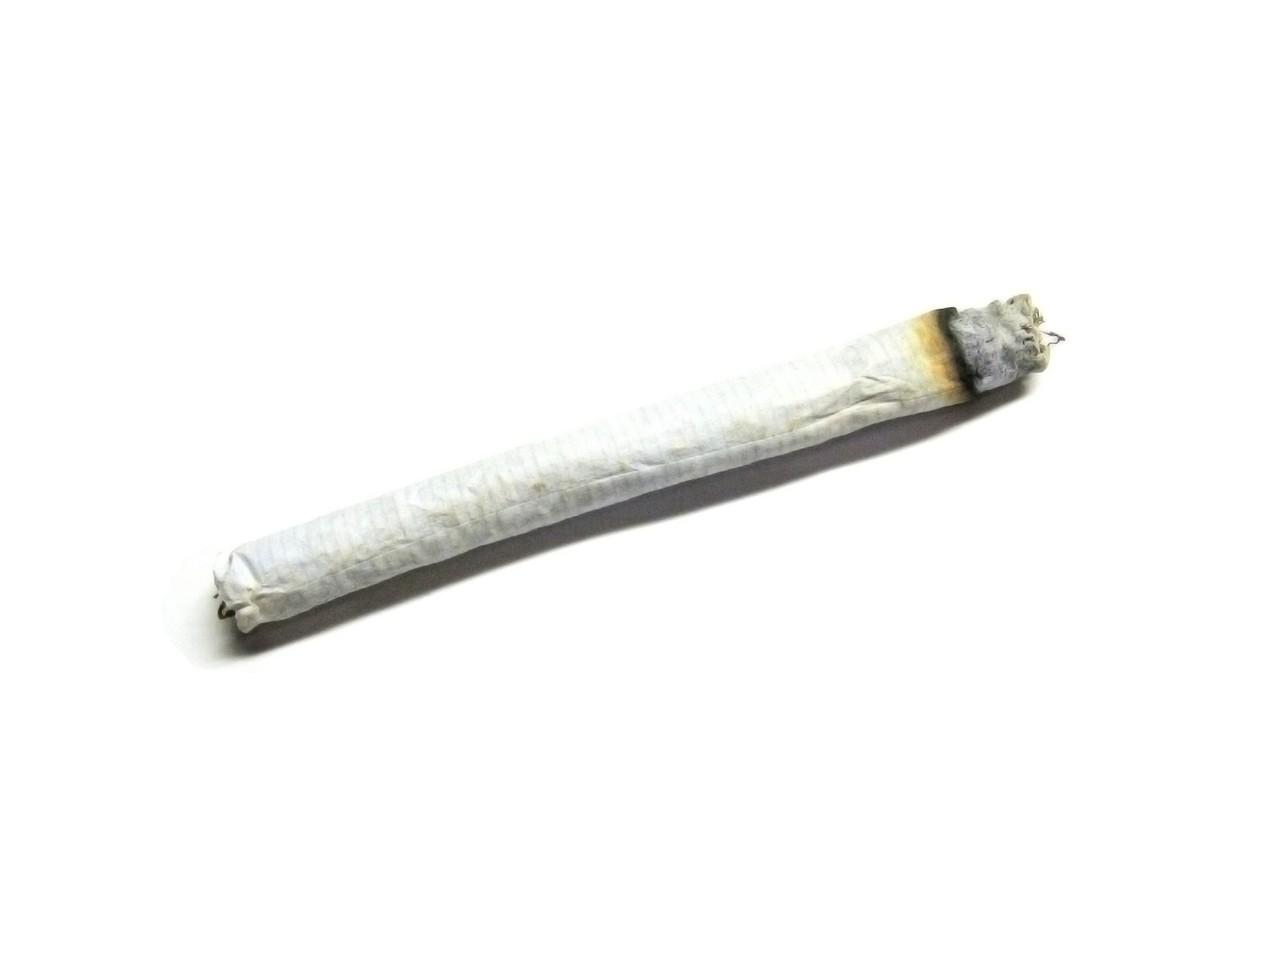 Tytoń to zawsze tytoń